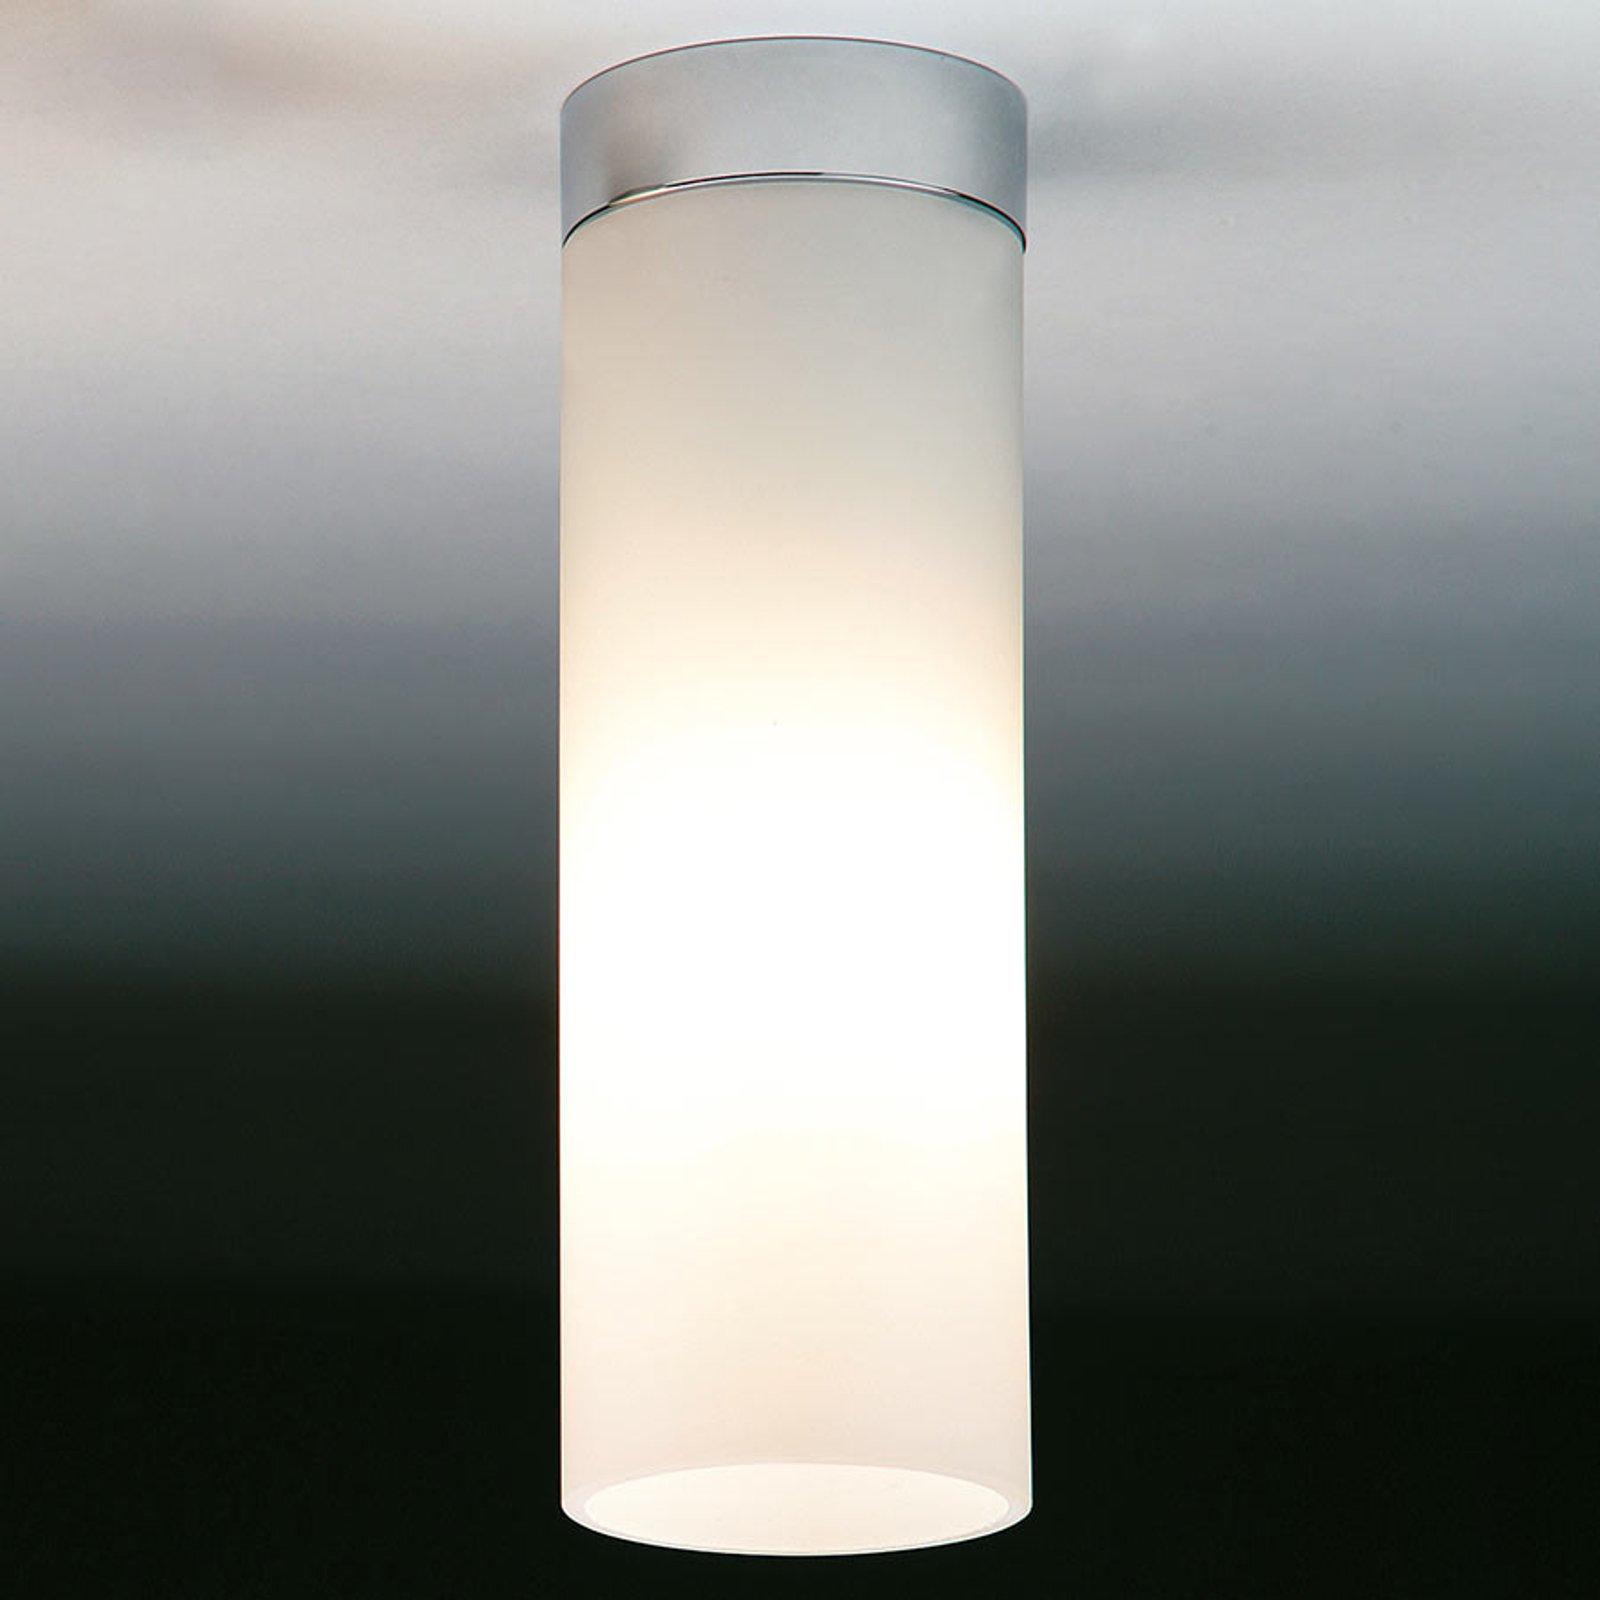 Matthvit taklampe DELA BOX nikkel matt